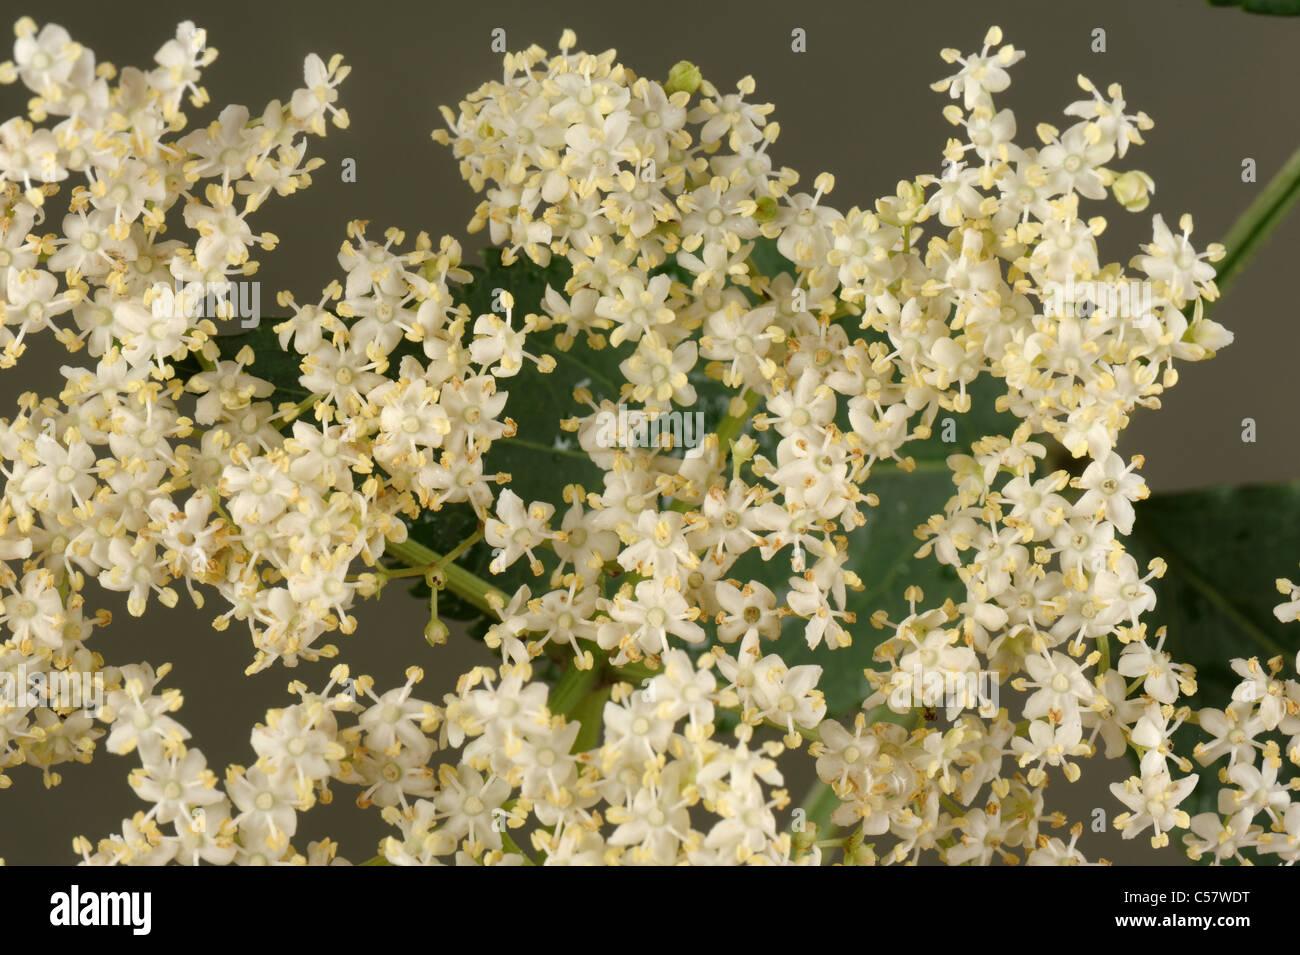 Flower of wild elder (Sambucus nigra) - Stock Image